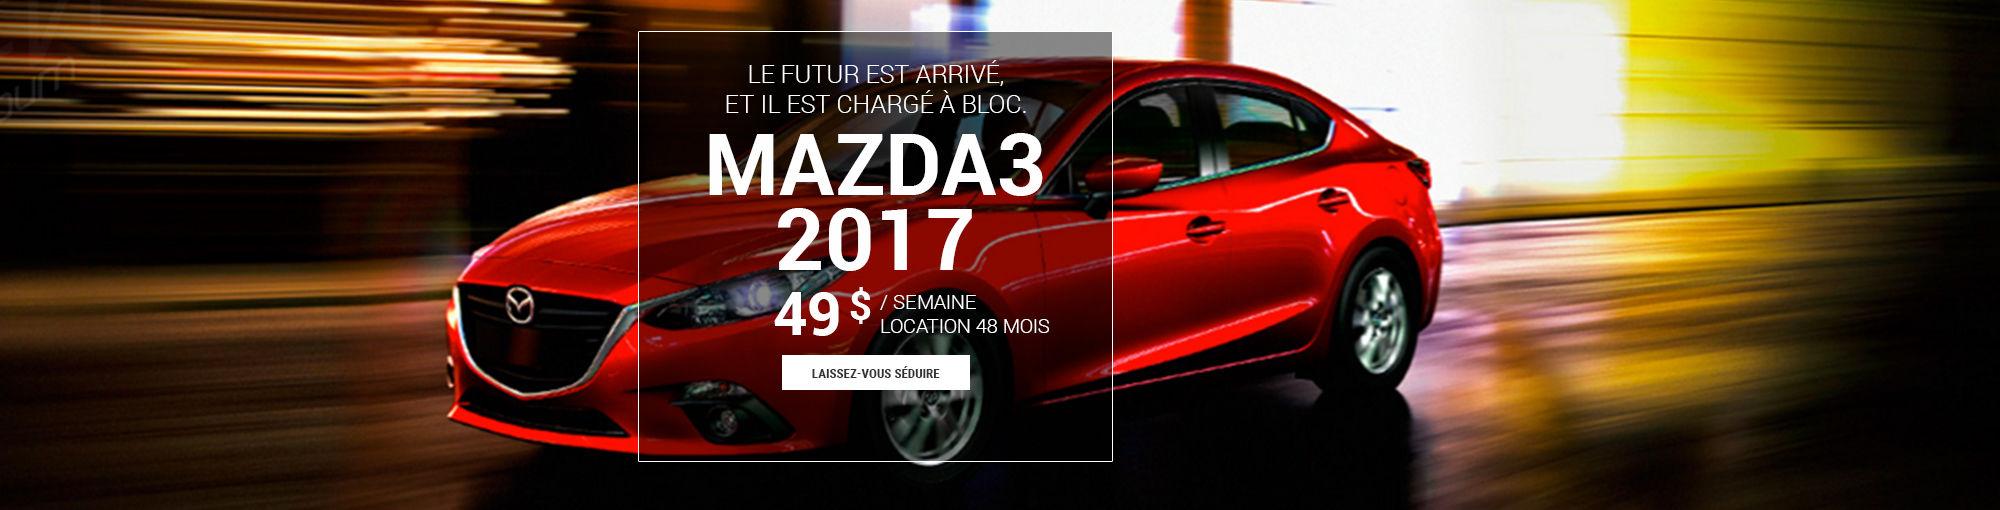 Mazda3 2017 -décembre 2016